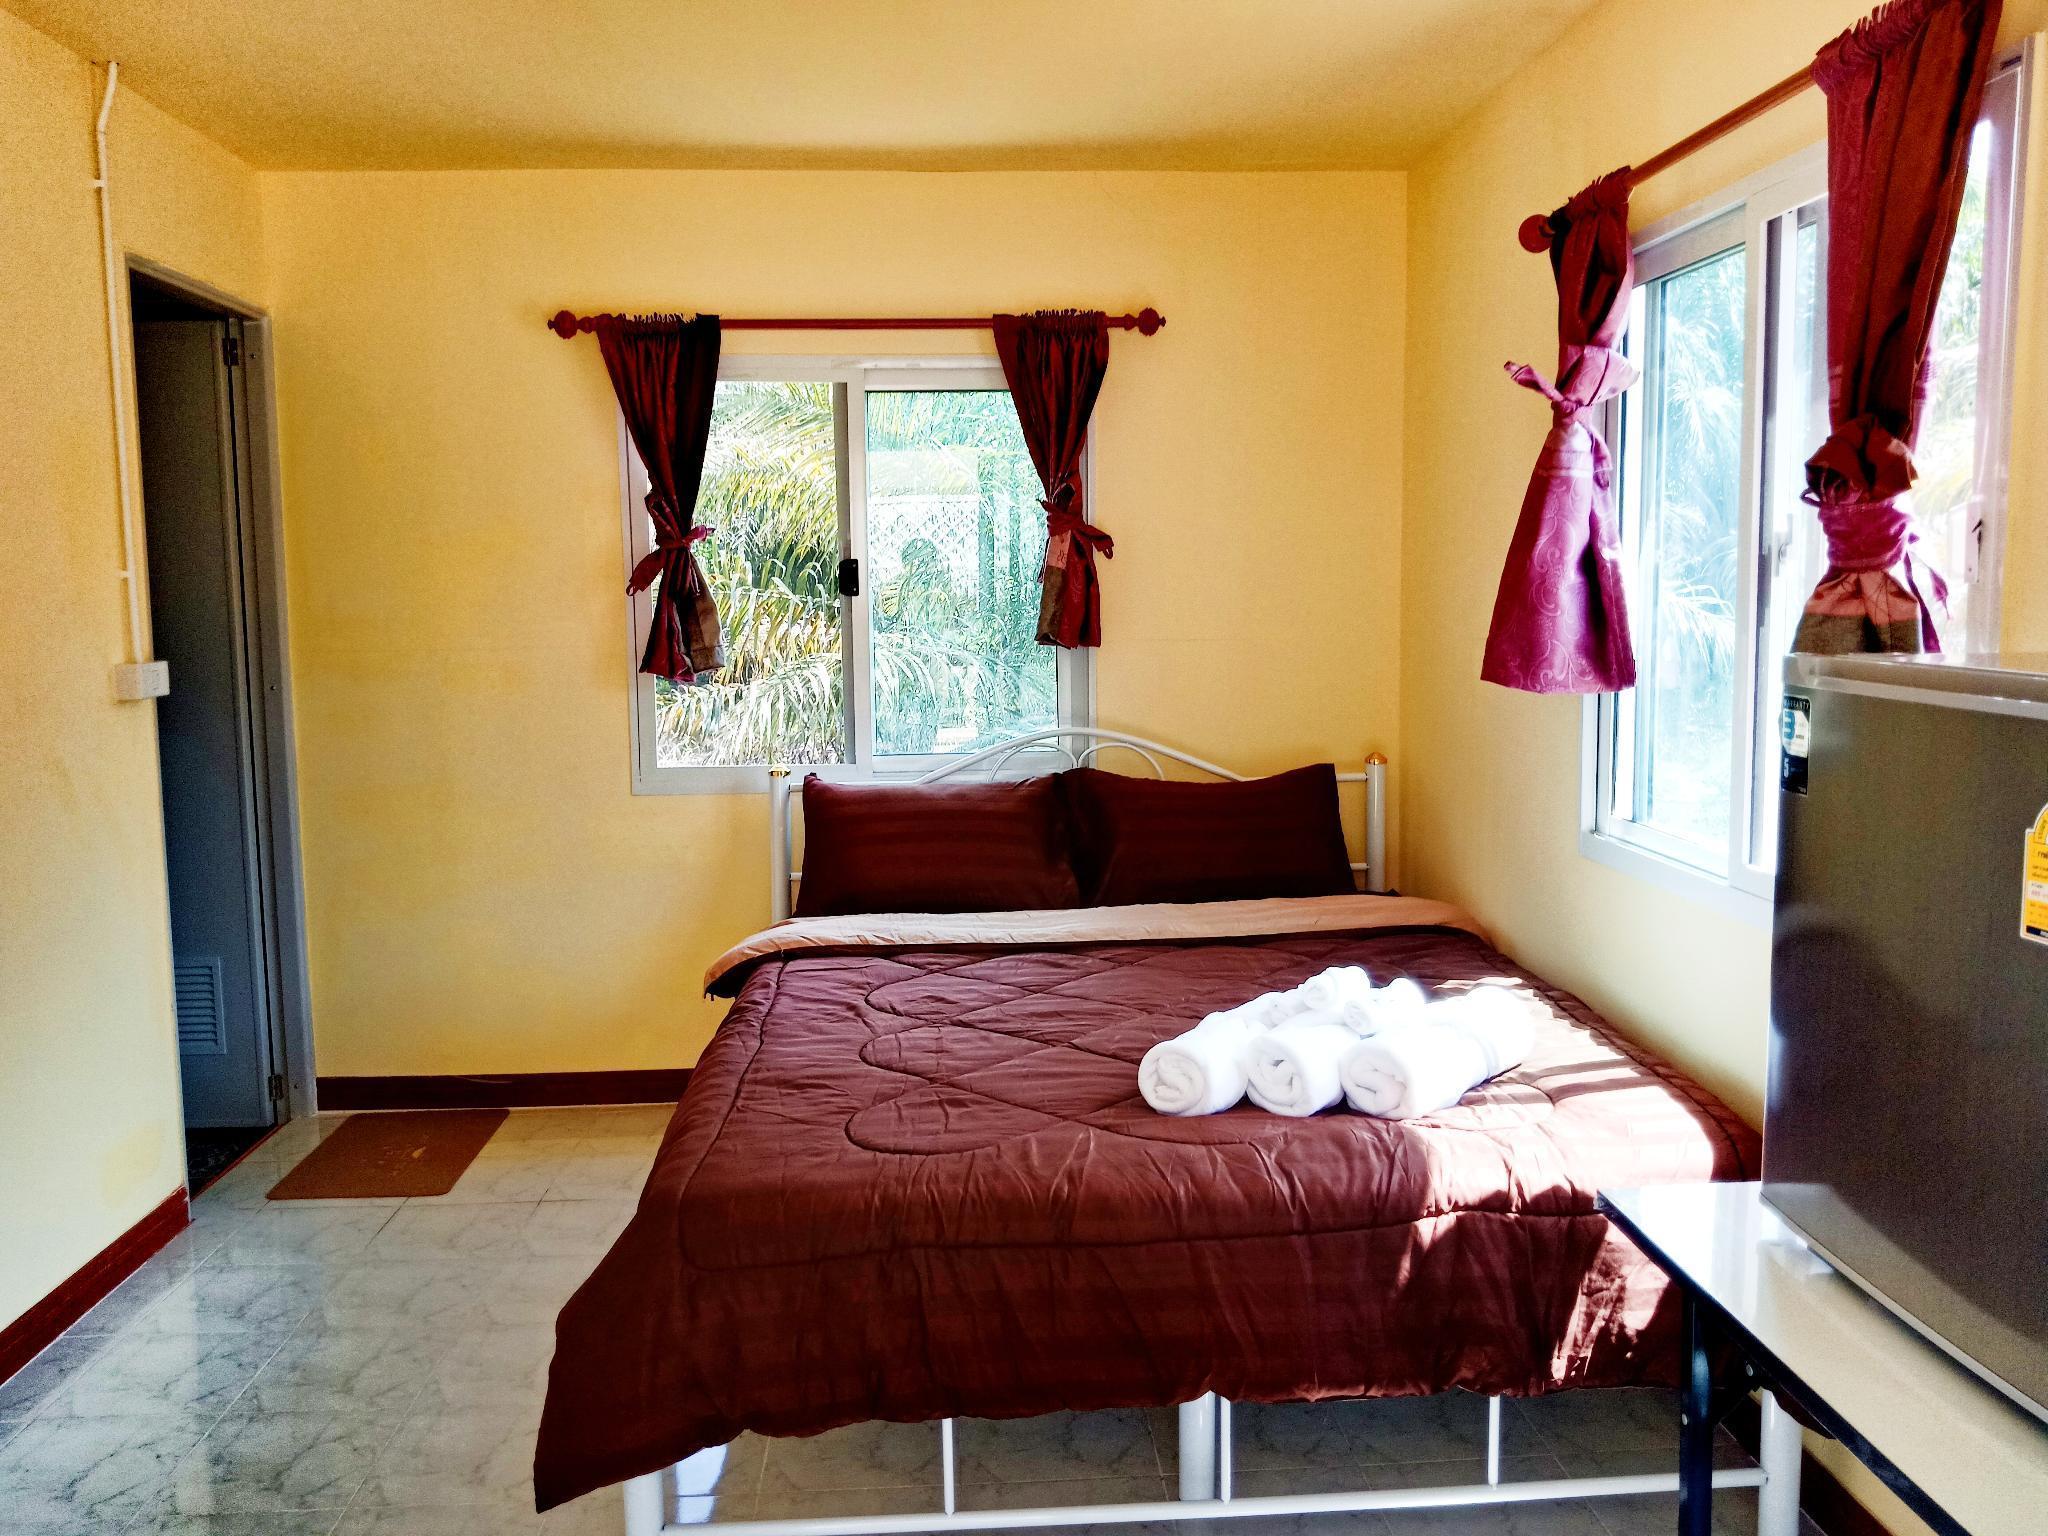 Win Gray Homestay Villa - Blue วิลลา 1 ห้องนอน 1 ห้องน้ำส่วนตัว ขนาด 20 ตร.ม. – ปะทิว